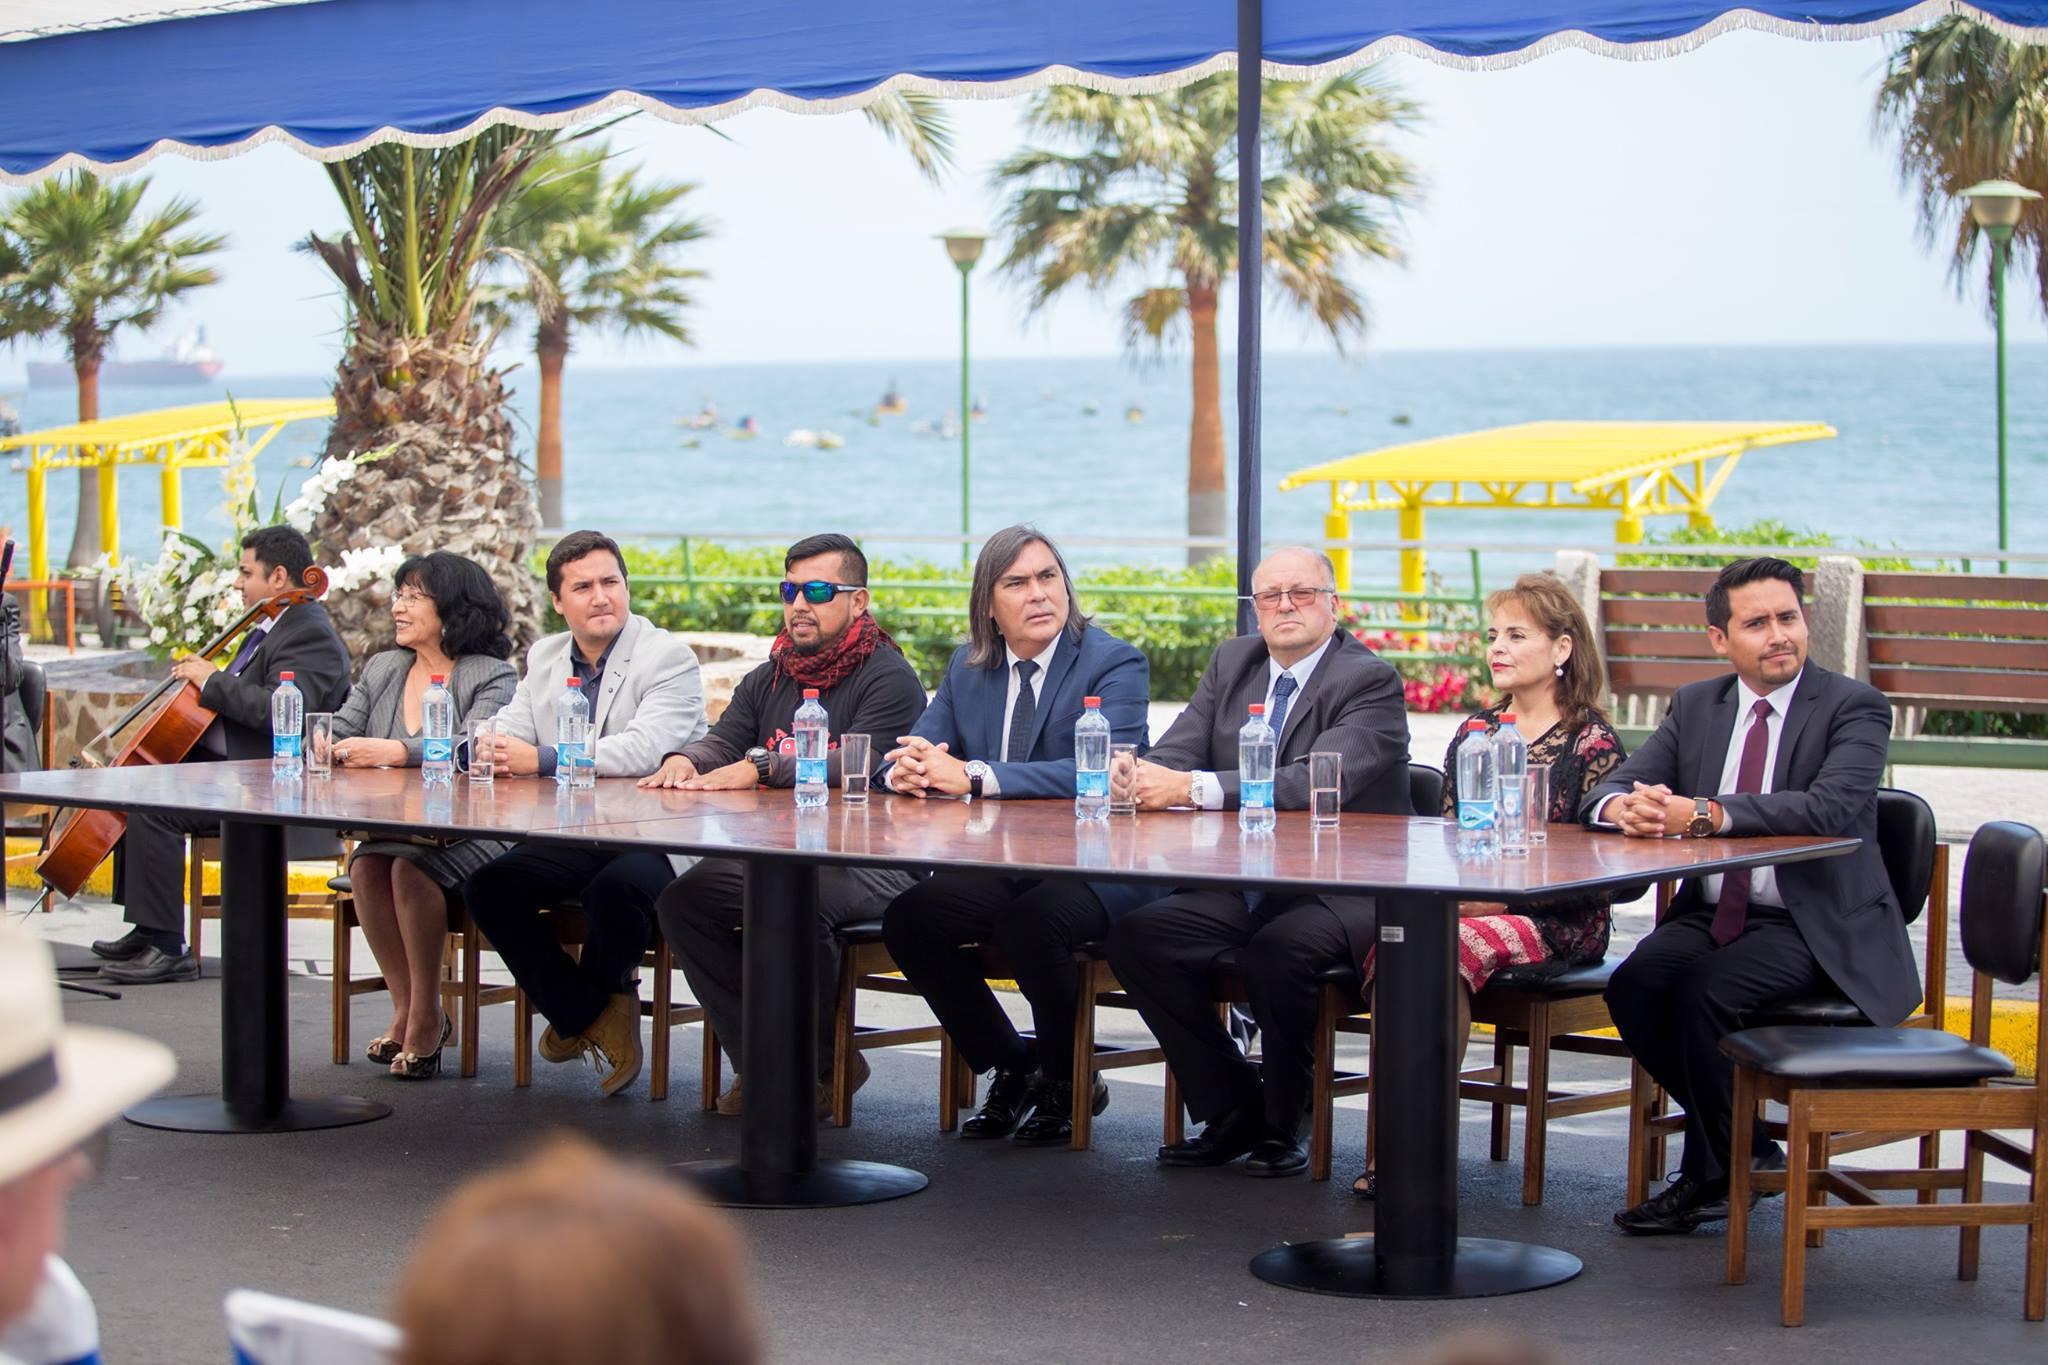 Con llamado a la unidad: alcalde Rodrigo Loyola asume un nuevo período junto al Concejo Municipal.